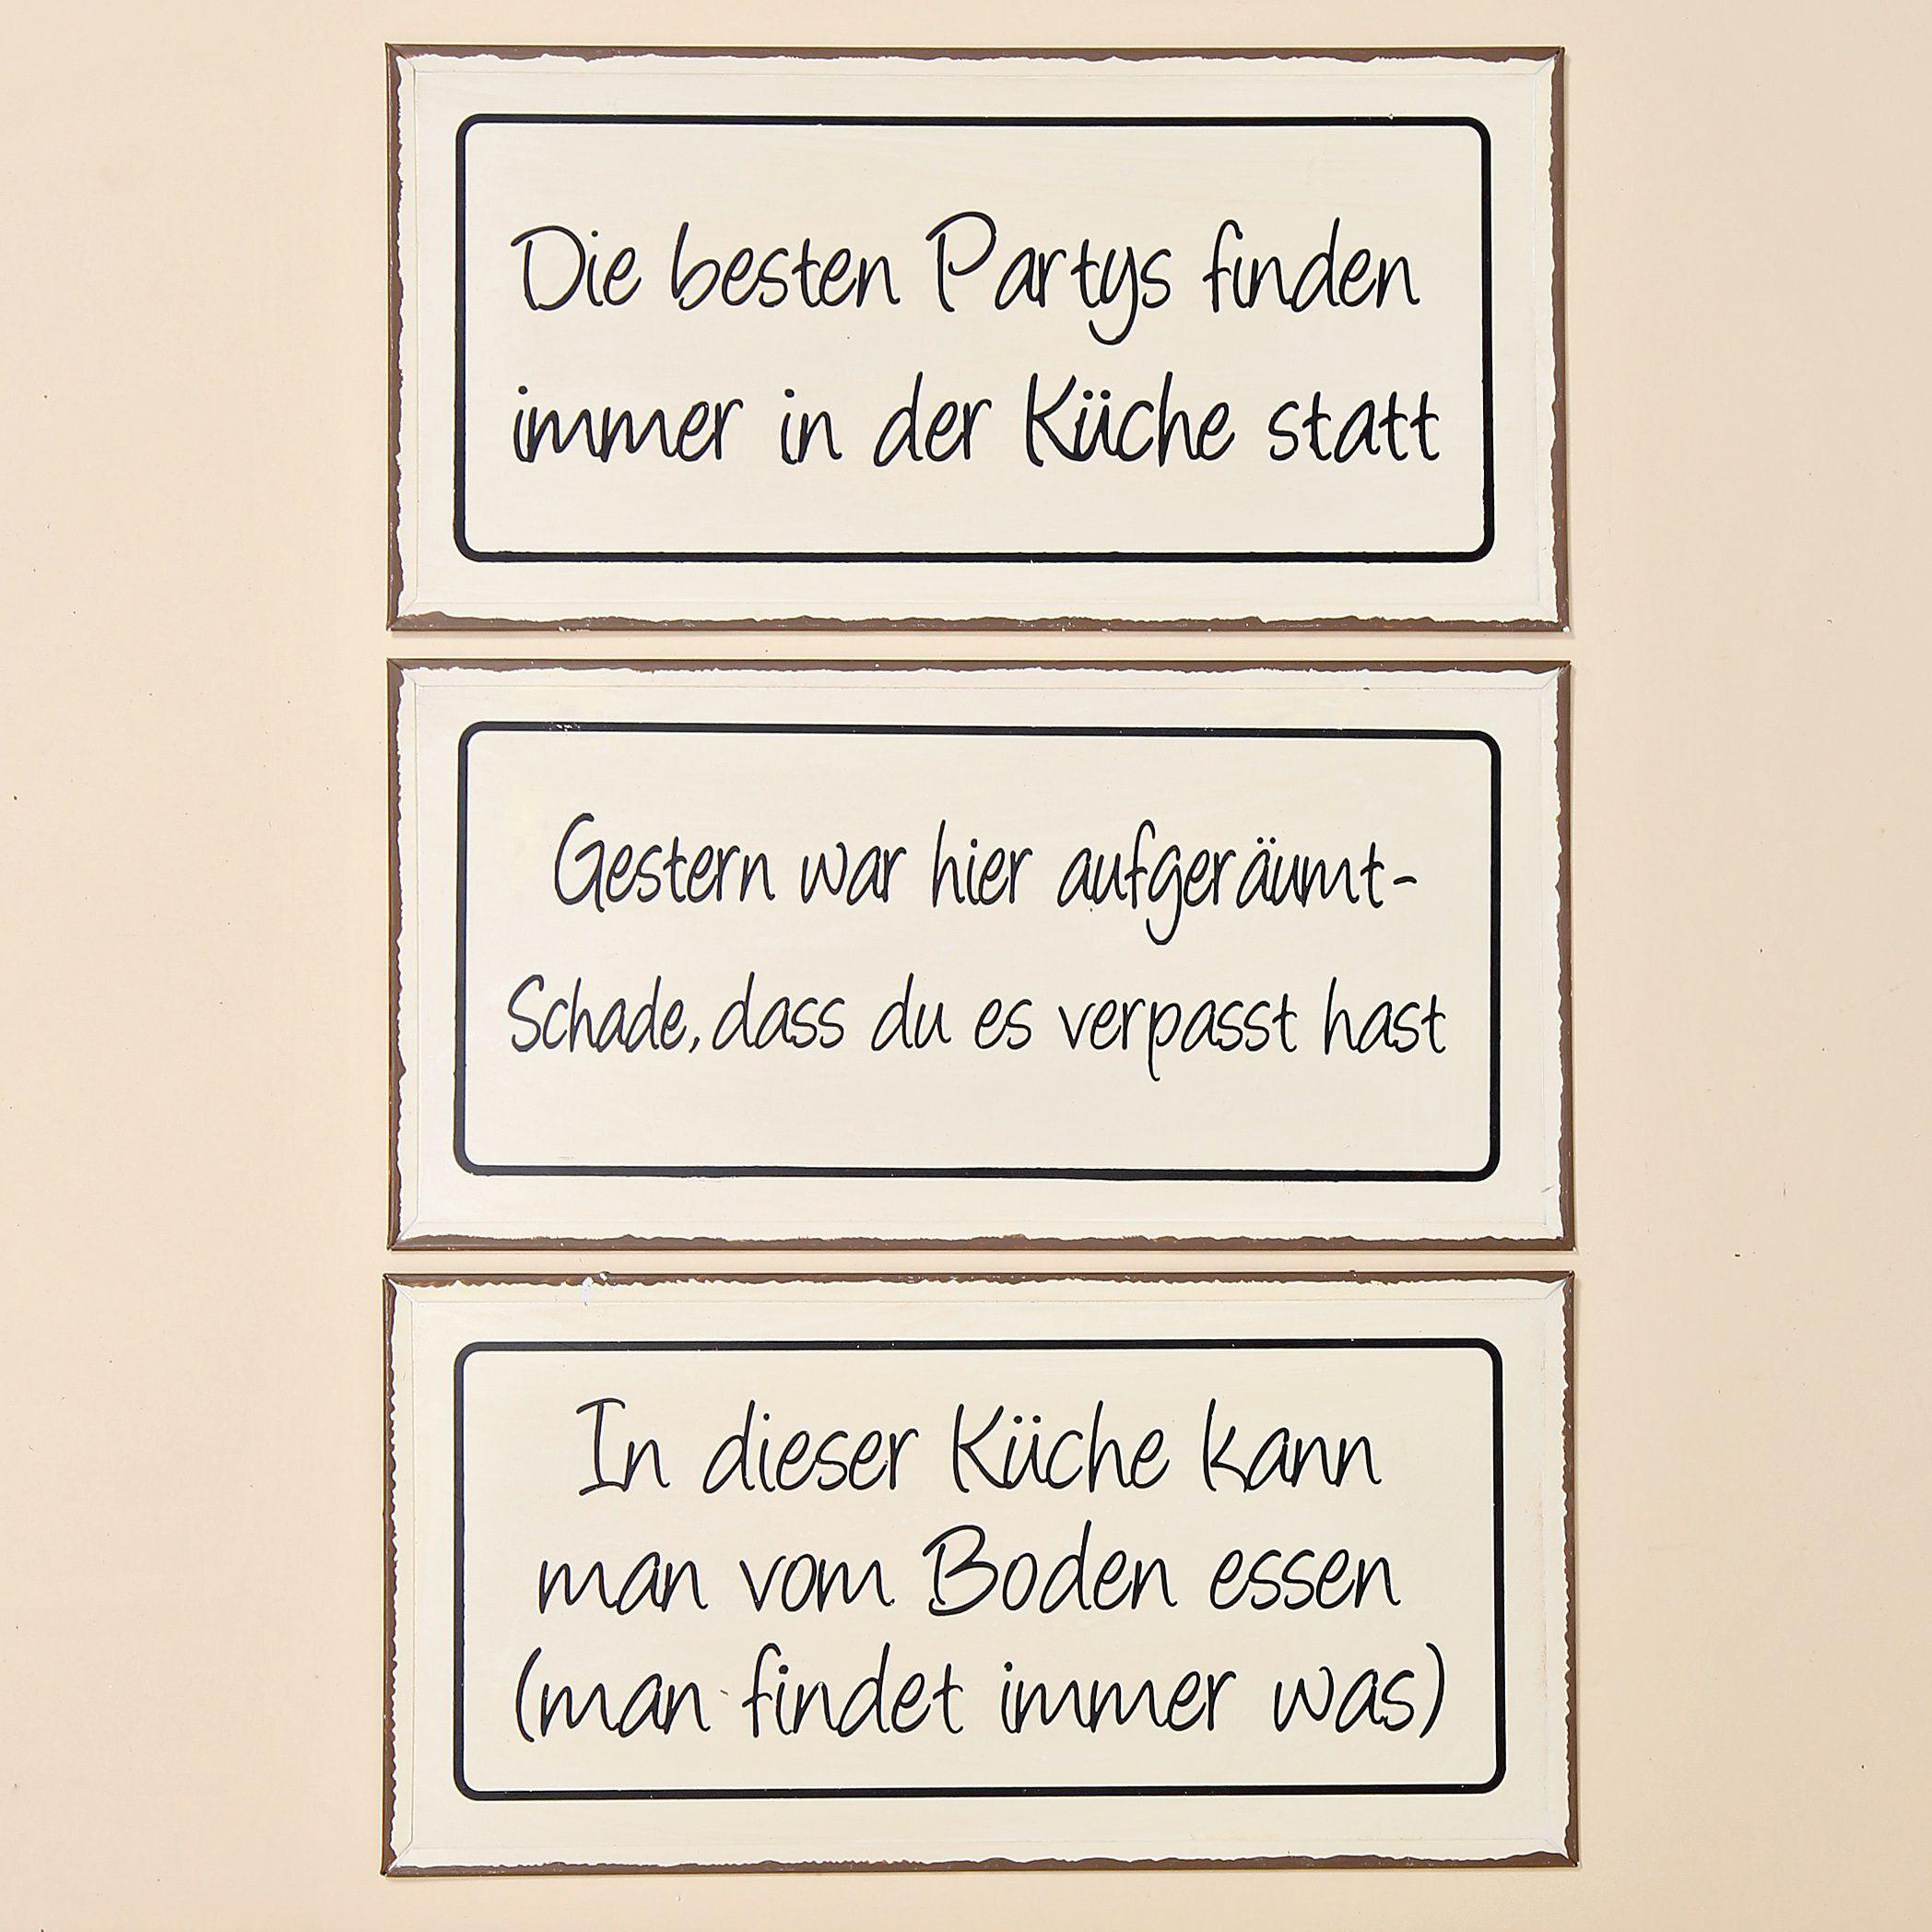 Dieses Schild ist in drei verschiedenen Varianten zu erhalten ...